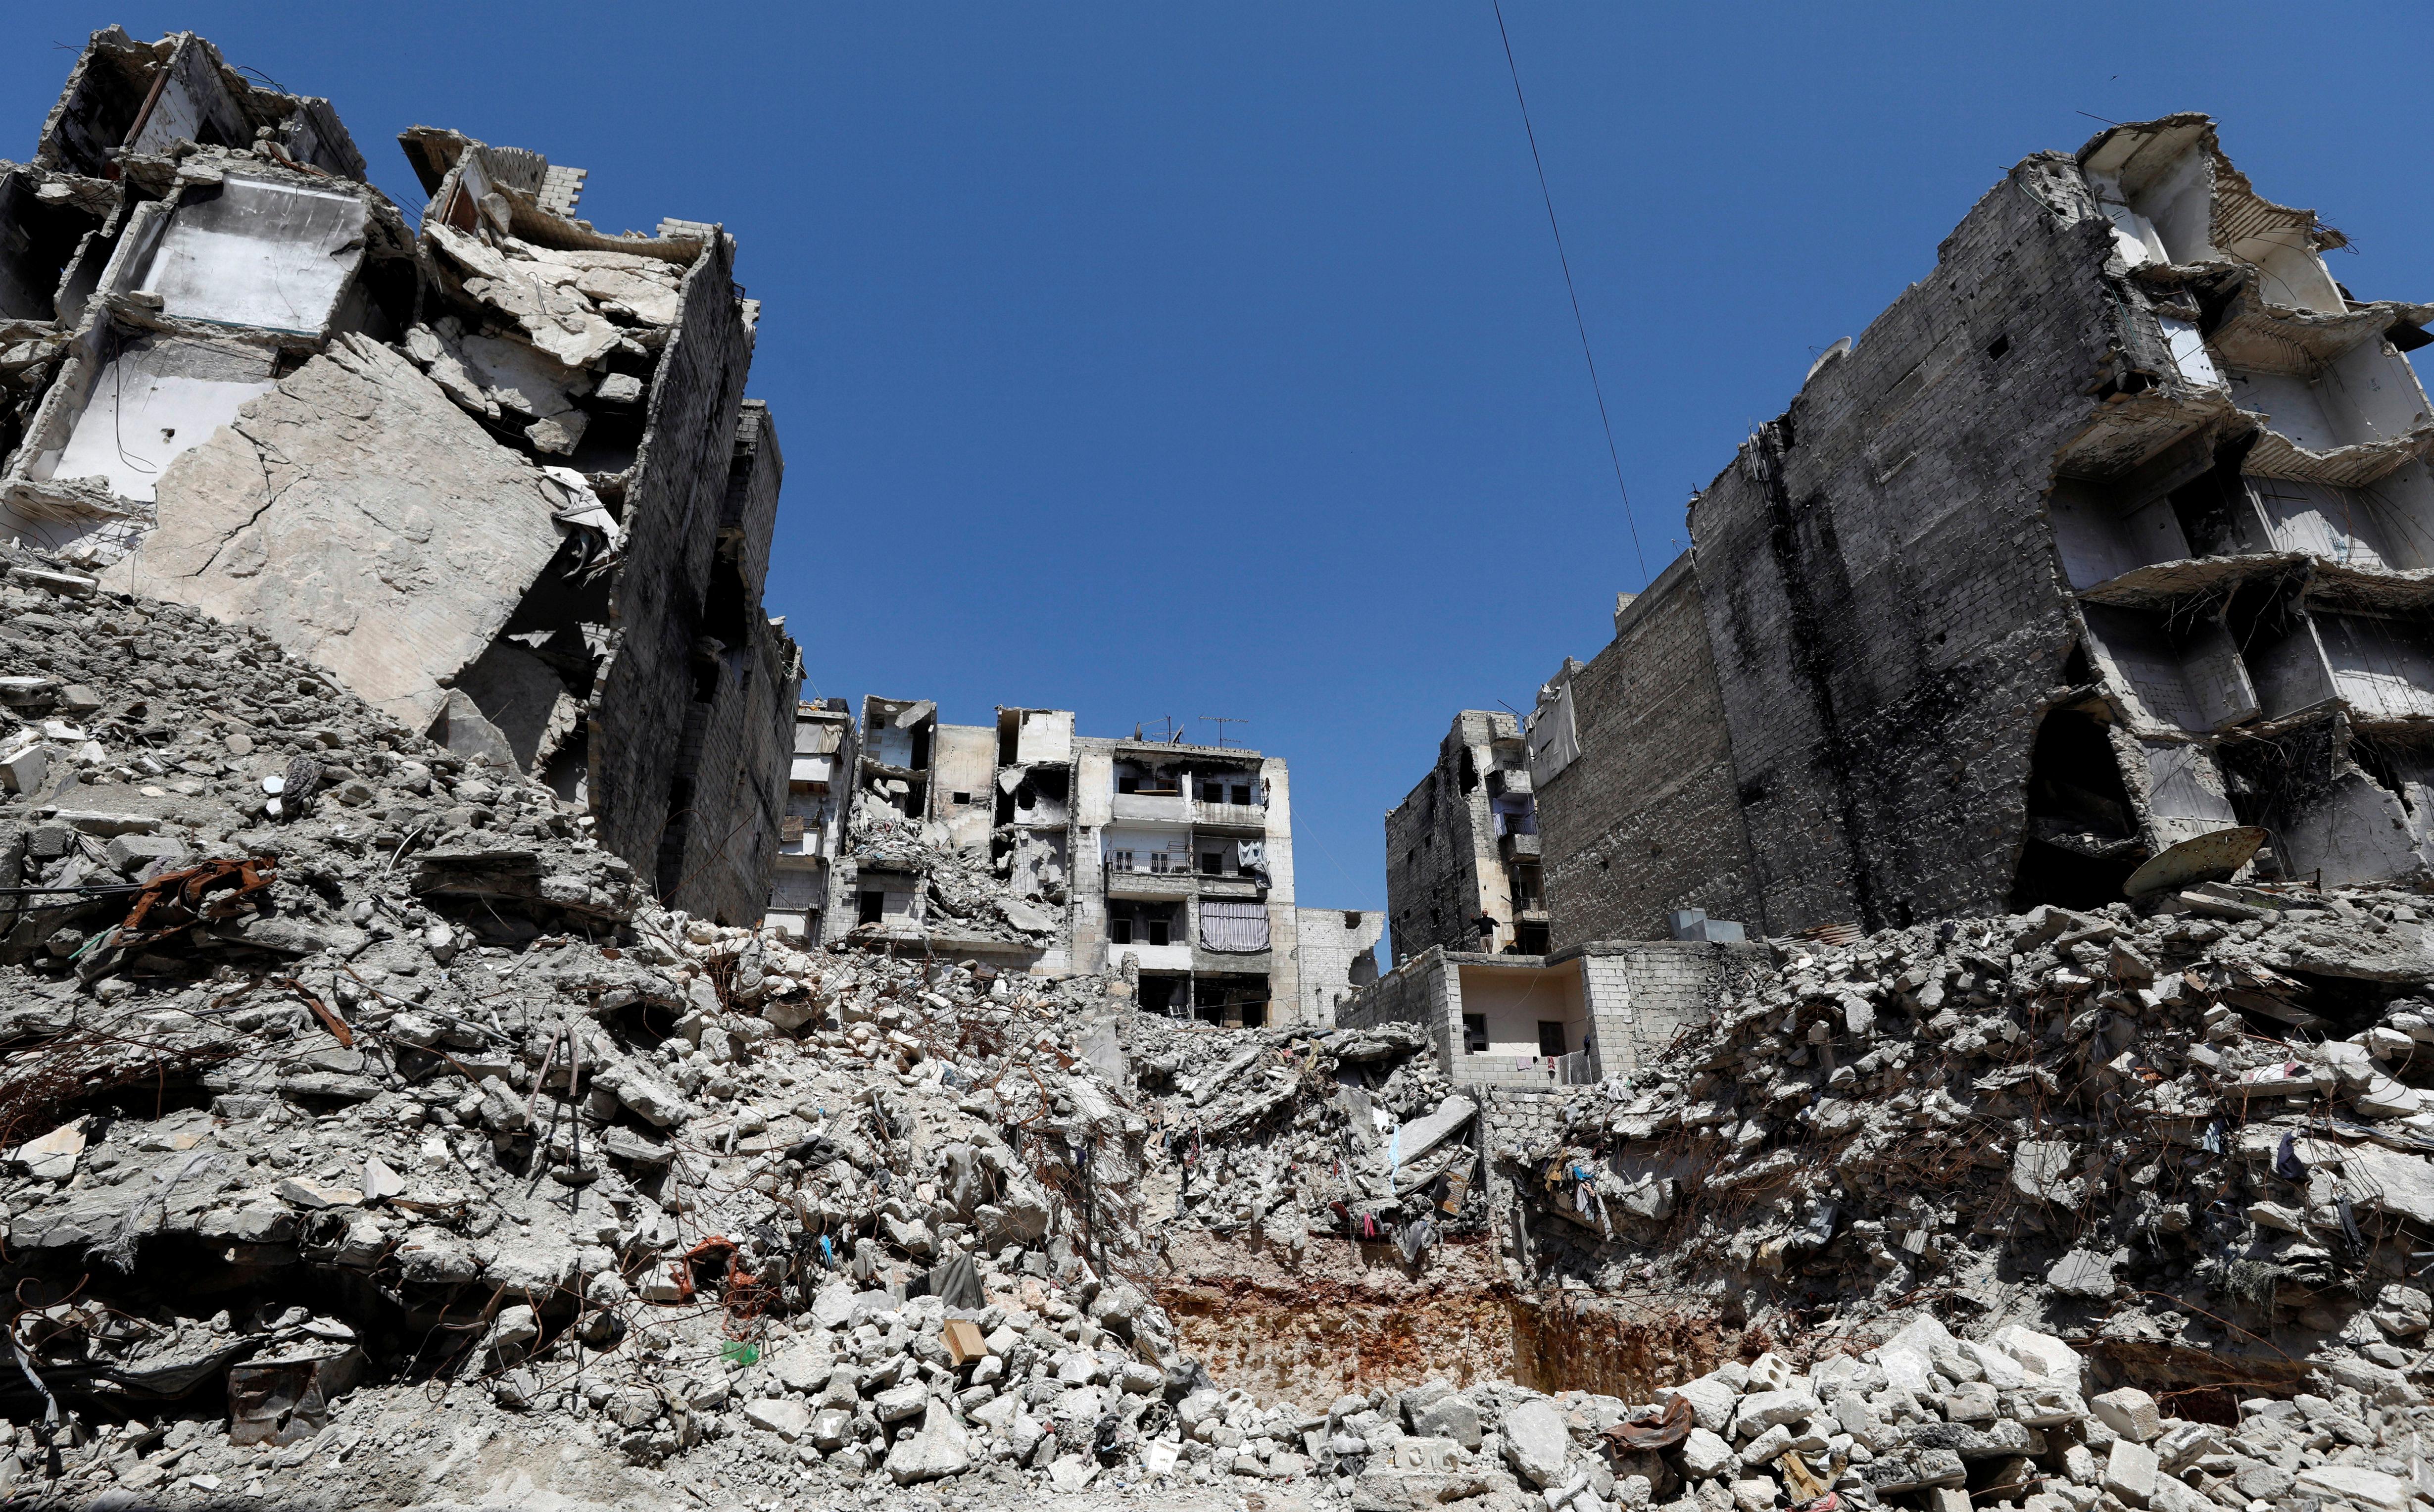 جانب من إحدى المناطق التي دمرتها الحرب في حلب